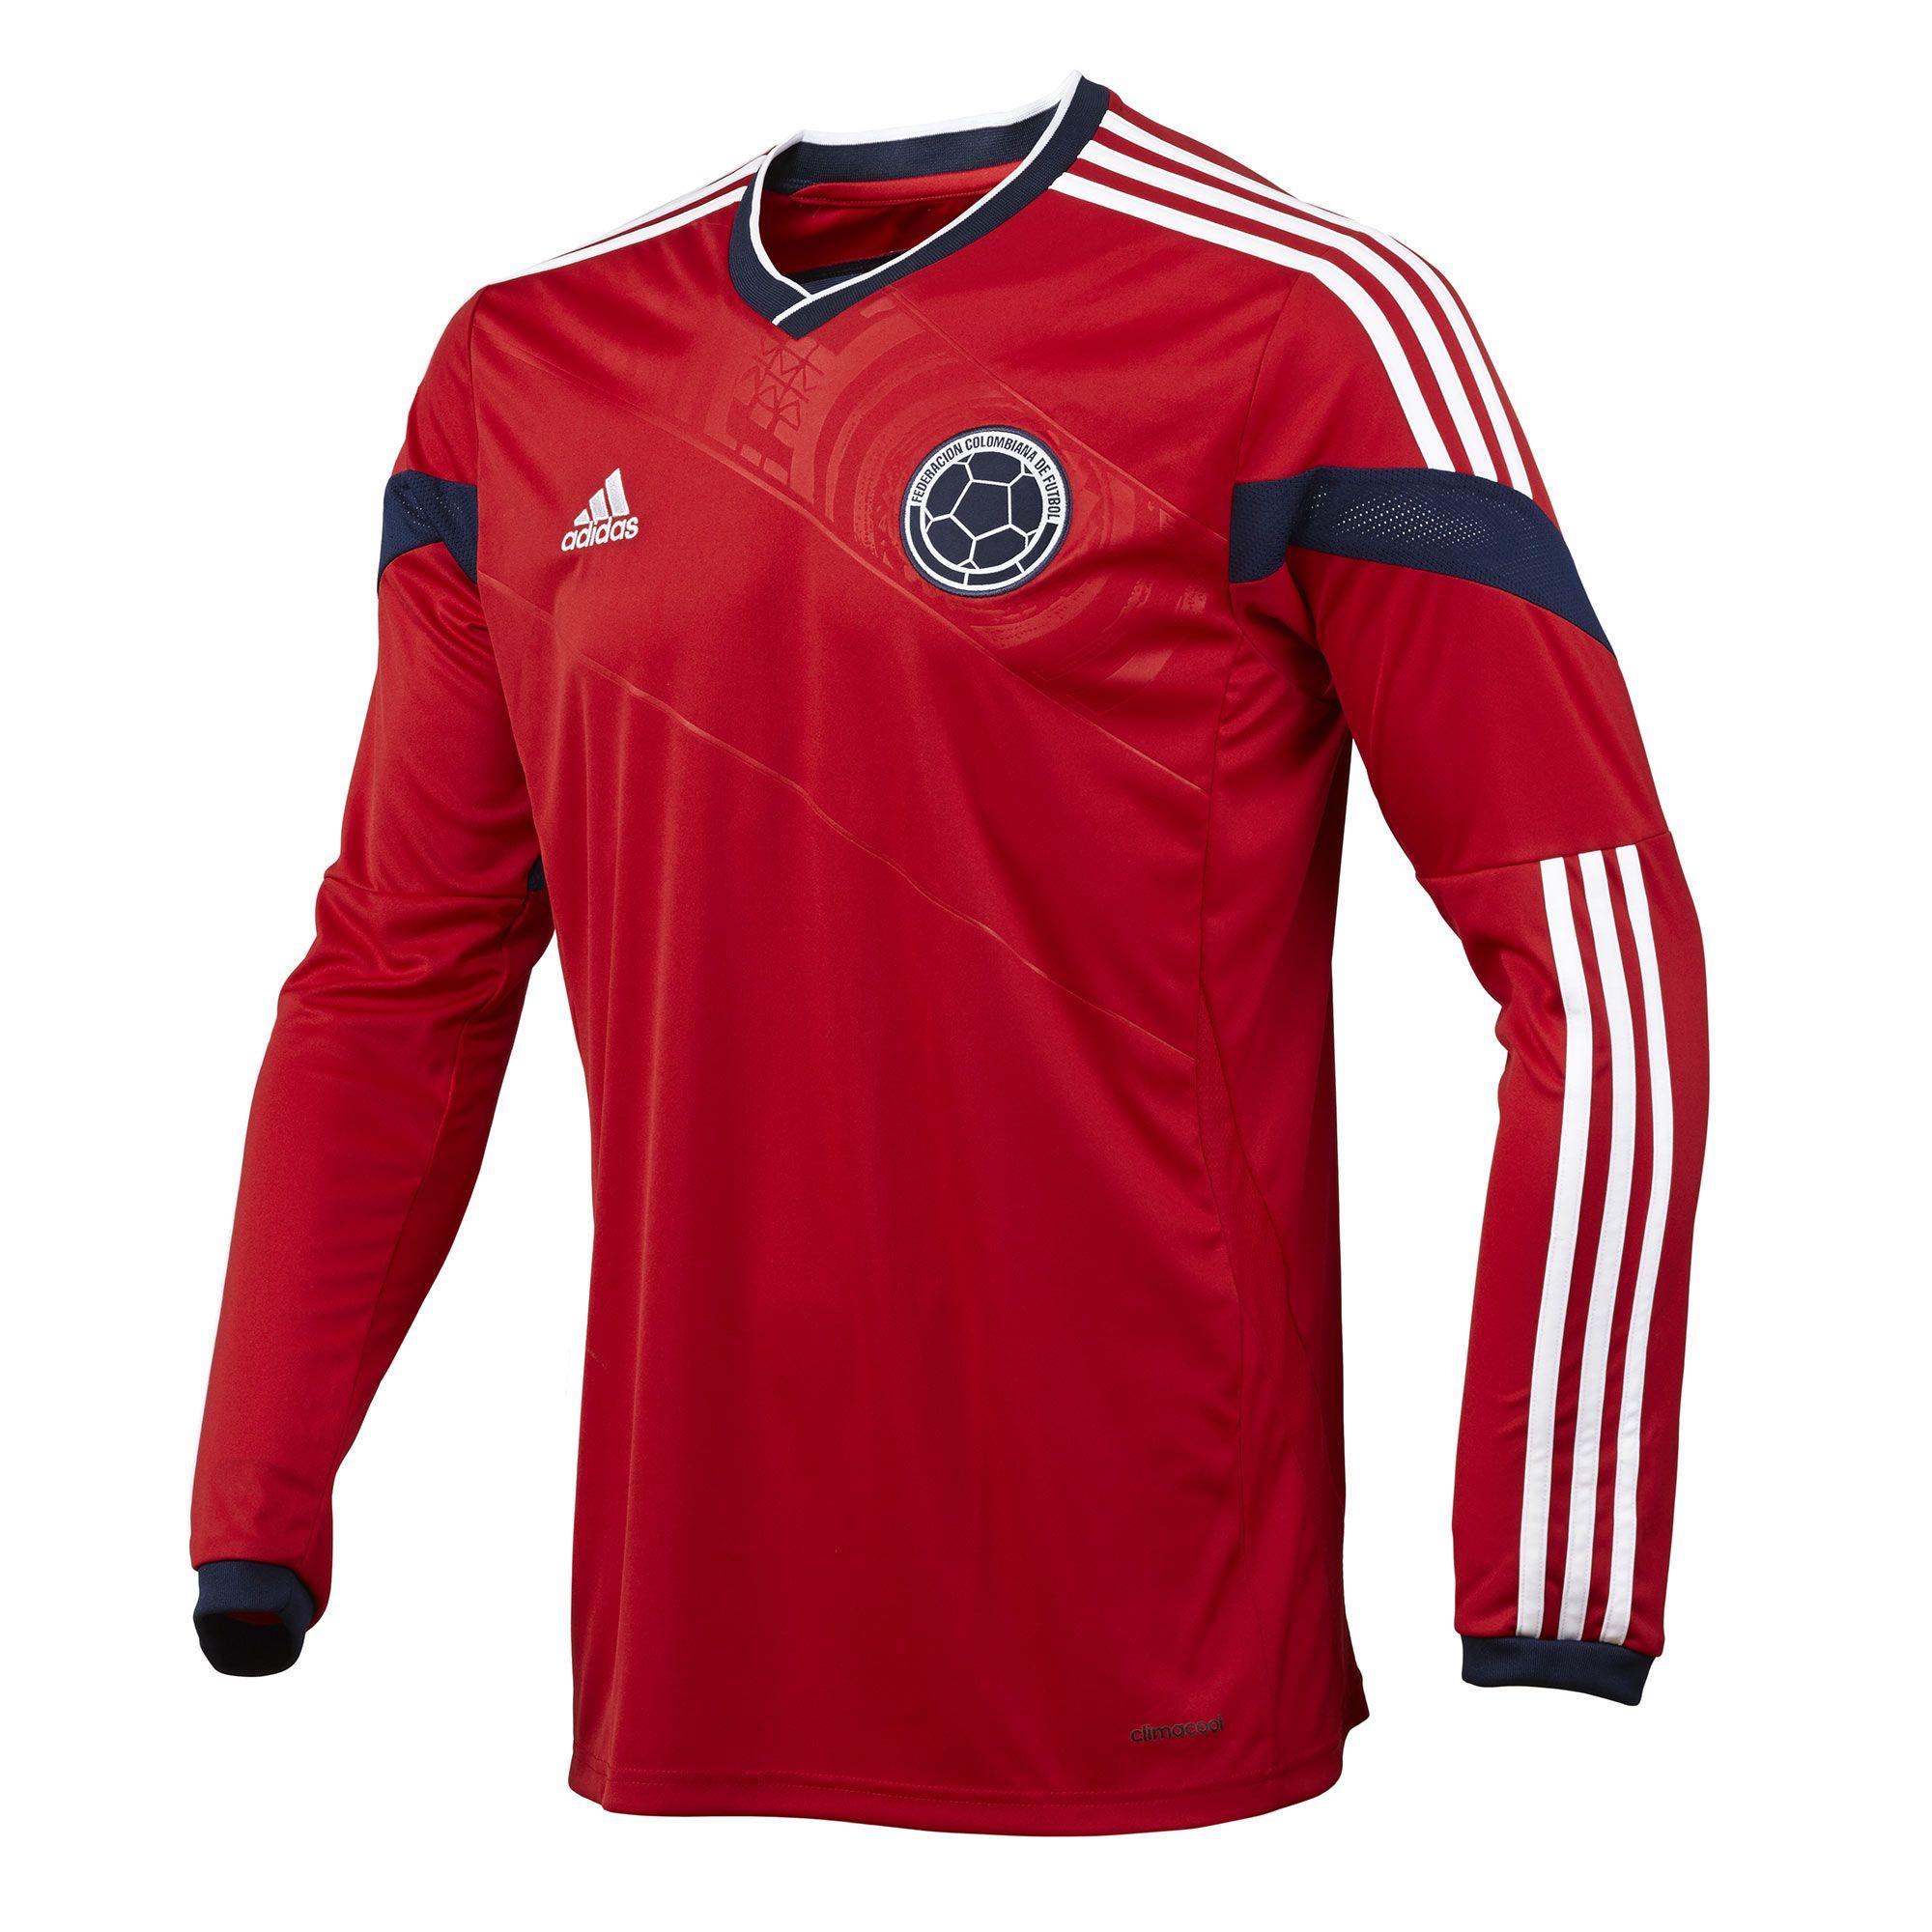 adidas Camiseta Manga Larga Visitante Selección Colombia  d8a56ec1a92f2